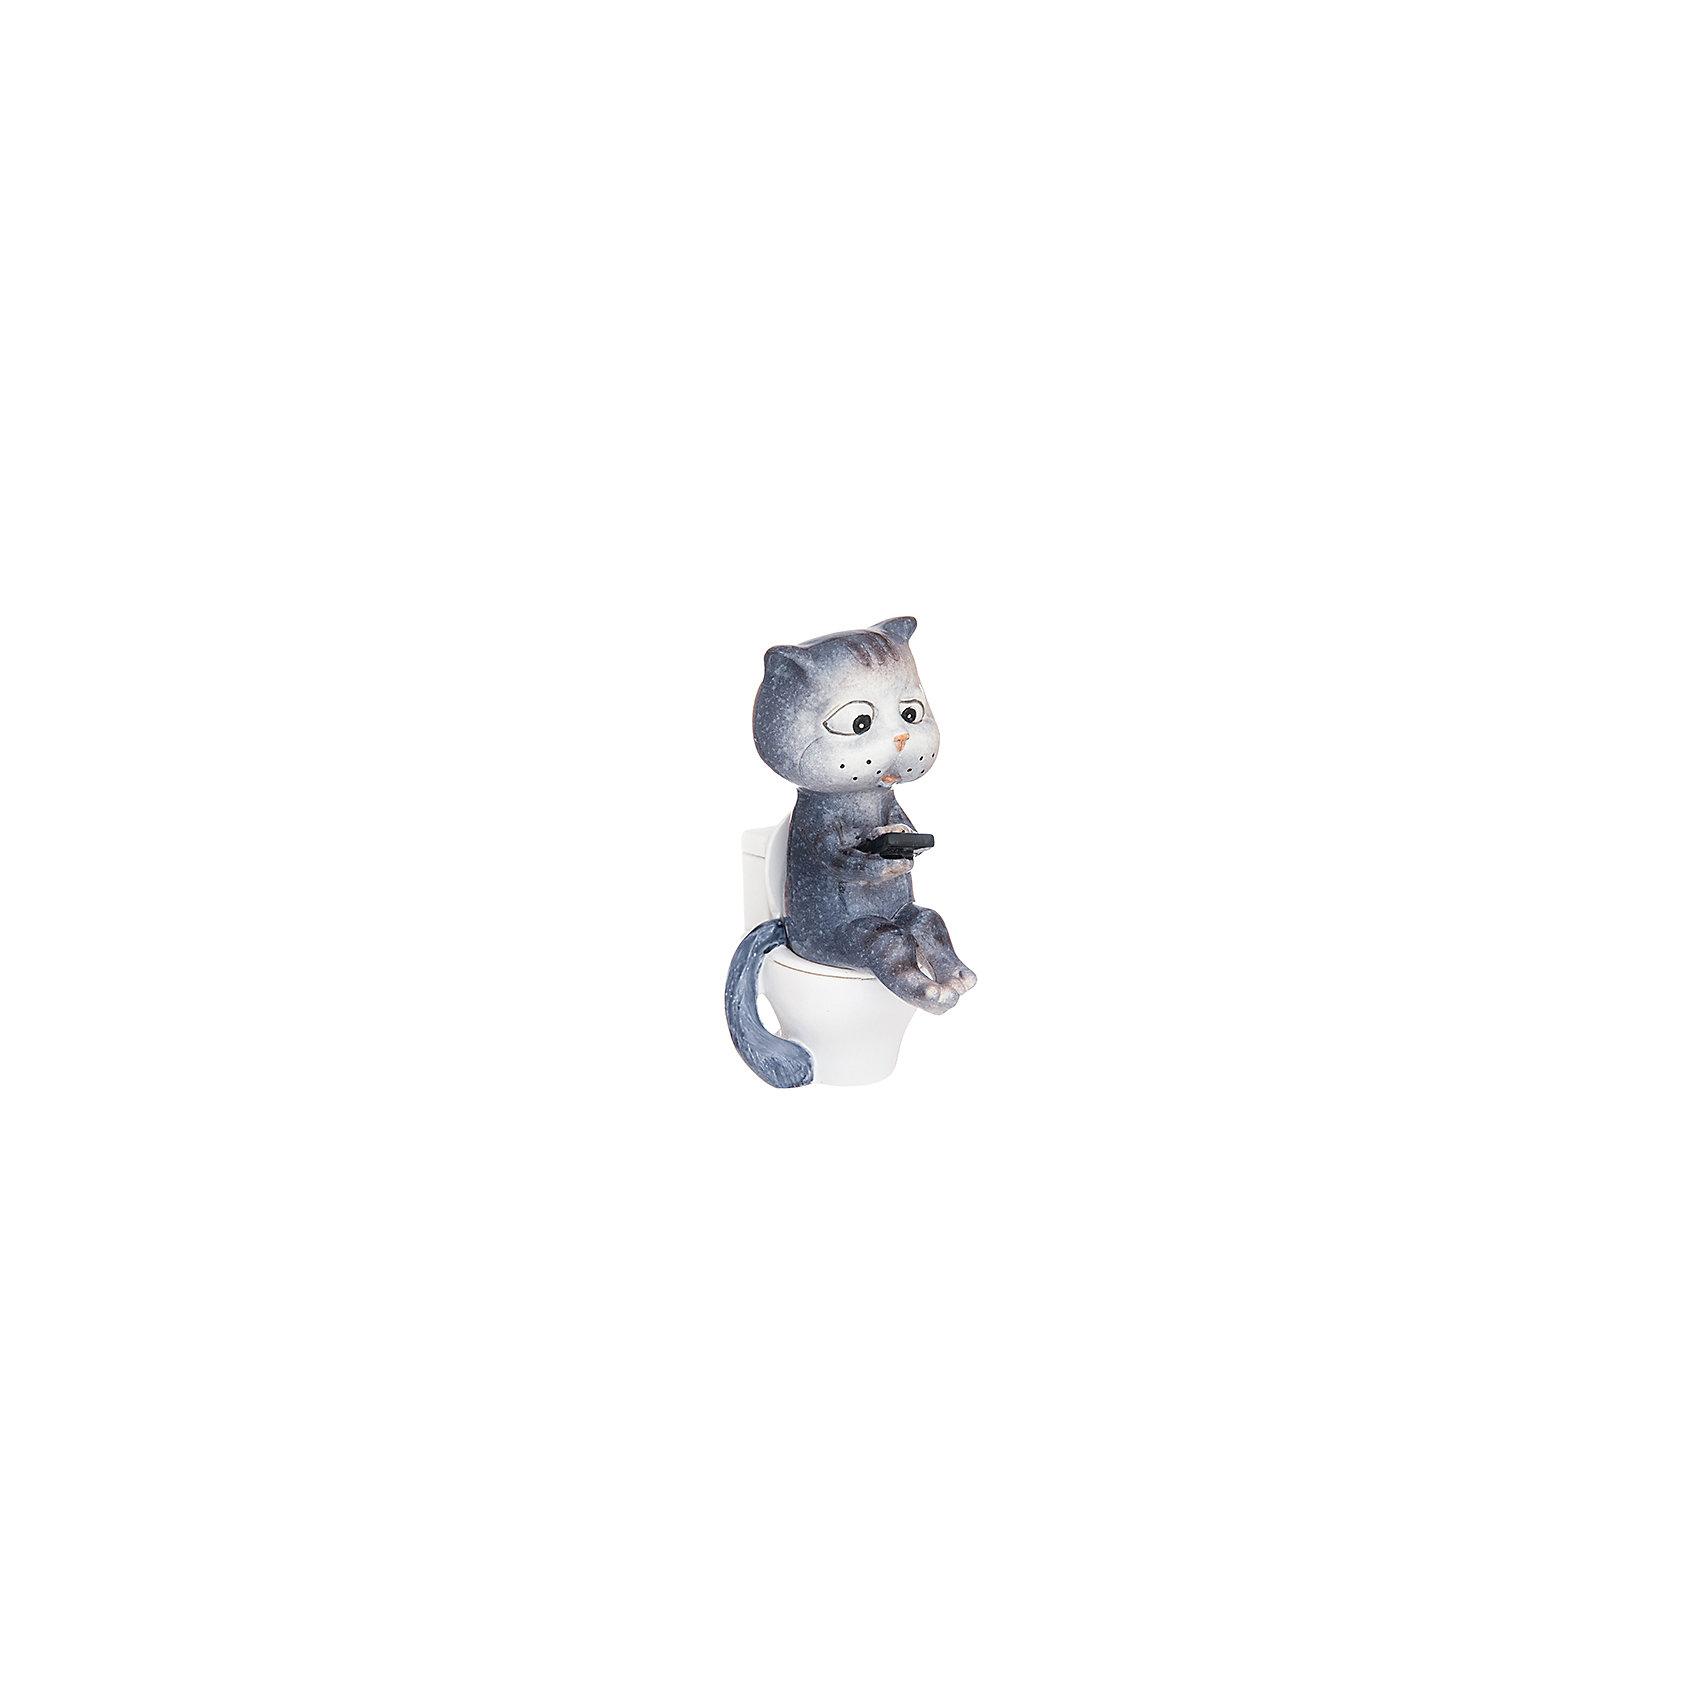 Фигурка декоративная Котик с телефоном, Elan GalleryПредметы интерьера<br>Фигурка декоративная  Elan Gallery 8,5*5,5*12 см. Котик с телефоном, Elan Gallery Декоративные фигурки - это отличный способ разнообразить внутреннее убранство дома, частичка вашей индивидуальности в облике жилища!<br><br>Ширина мм: 95<br>Глубина мм: 63<br>Высота мм: 138<br>Вес г: 244<br>Возраст от месяцев: 0<br>Возраст до месяцев: 1188<br>Пол: Унисекс<br>Возраст: Детский<br>SKU: 6669022